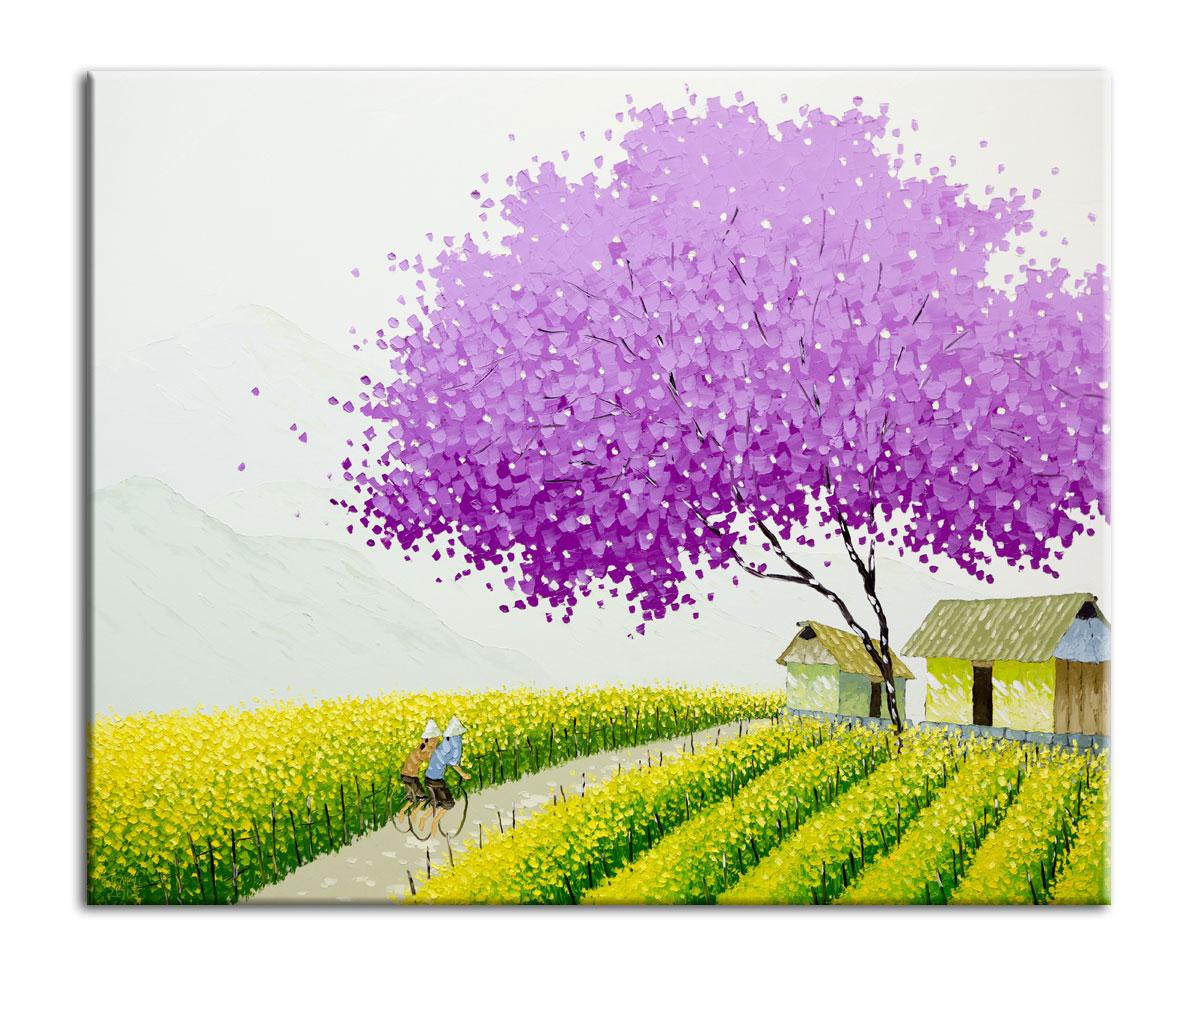 Картина Рапс в цветуКартины<br>Авторская копия картины вьетнамской художницы Phan Thu Trang в технике жекле&amp;lt;div&amp;gt;&amp;lt;br&amp;gt;&amp;lt;/div&amp;gt;&amp;lt;div&amp;gt;Материал: натуральный холст, деревянный подрамник, лак,итальянский фактурный гель&amp;lt;br&amp;gt;&amp;lt;/div&amp;gt;<br><br>Material: Холст<br>Width см: 50<br>Depth см: 3<br>Height см: 50